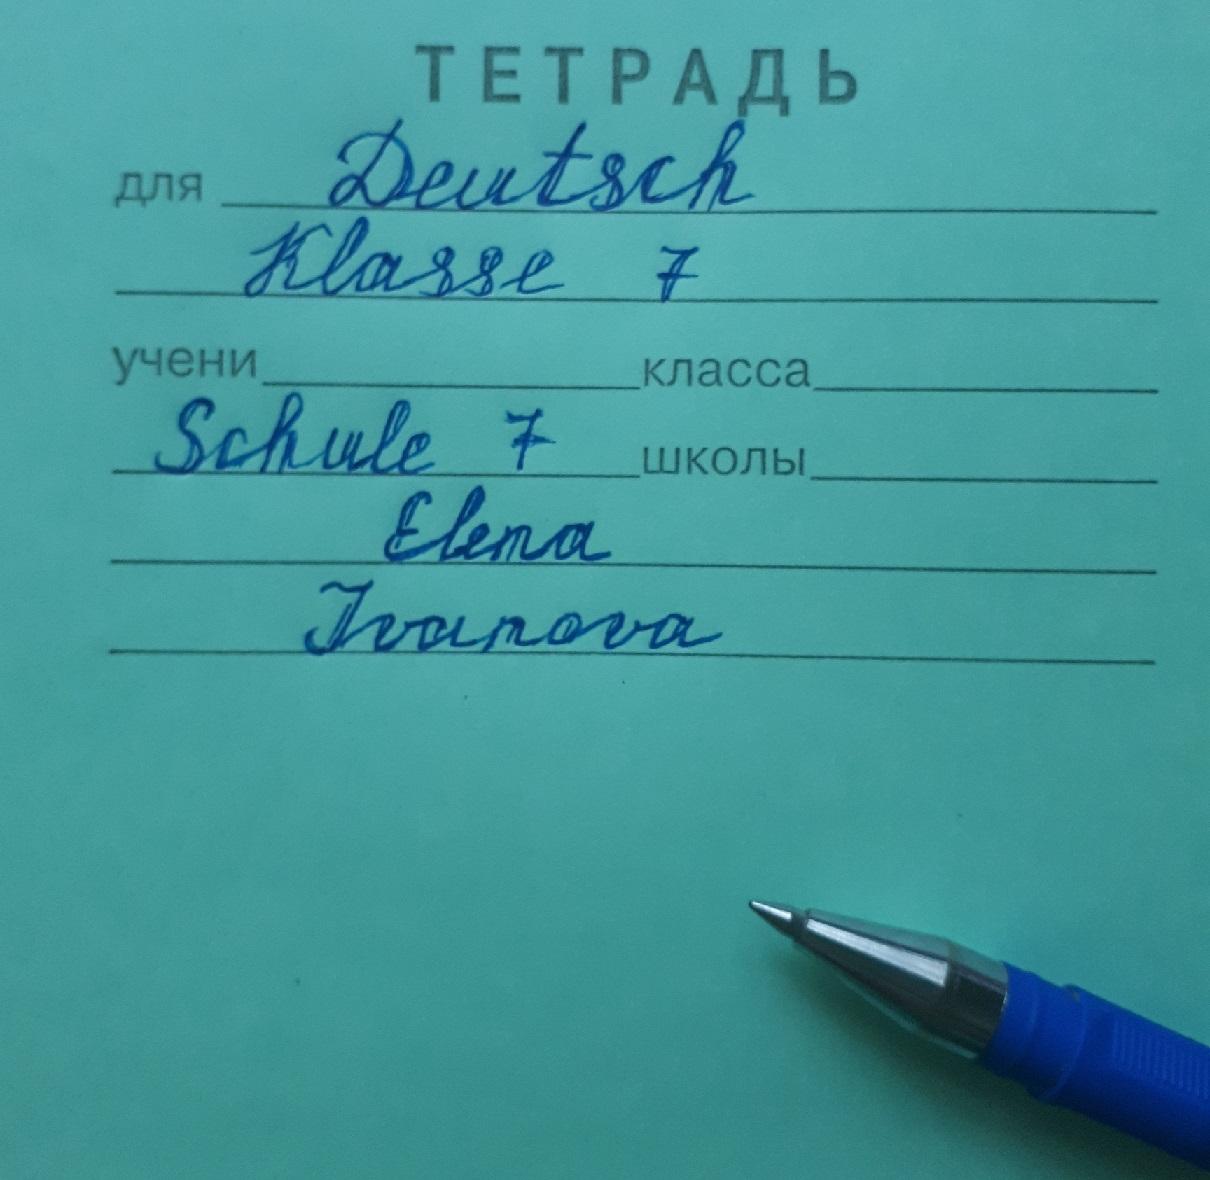 Картинки как подписать тетрадку на английском языке, картинки телефон прикольные